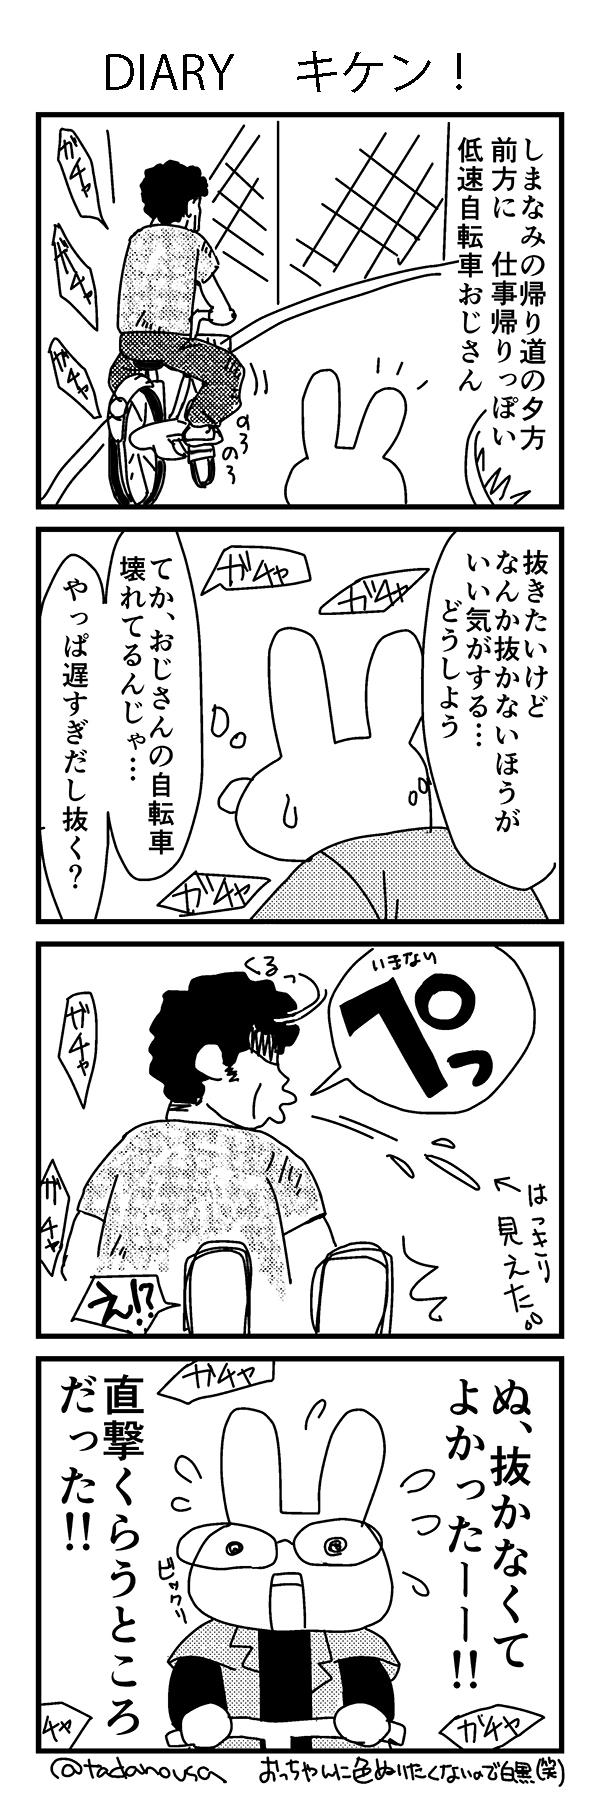 日記20170526